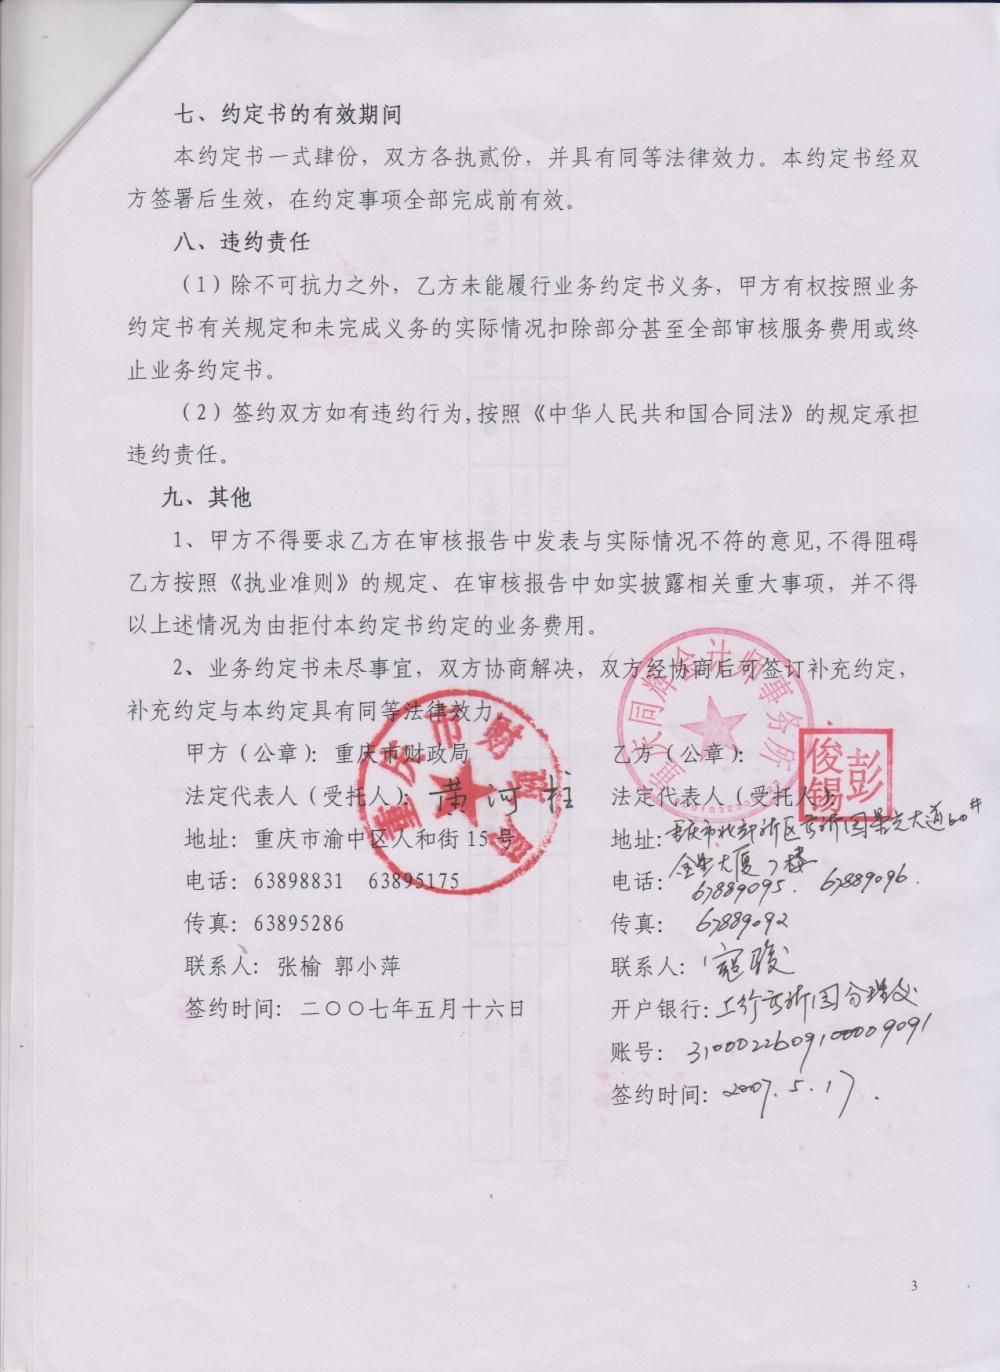 行政事业单位资产清查结果专项审核业务约定书(财政局)